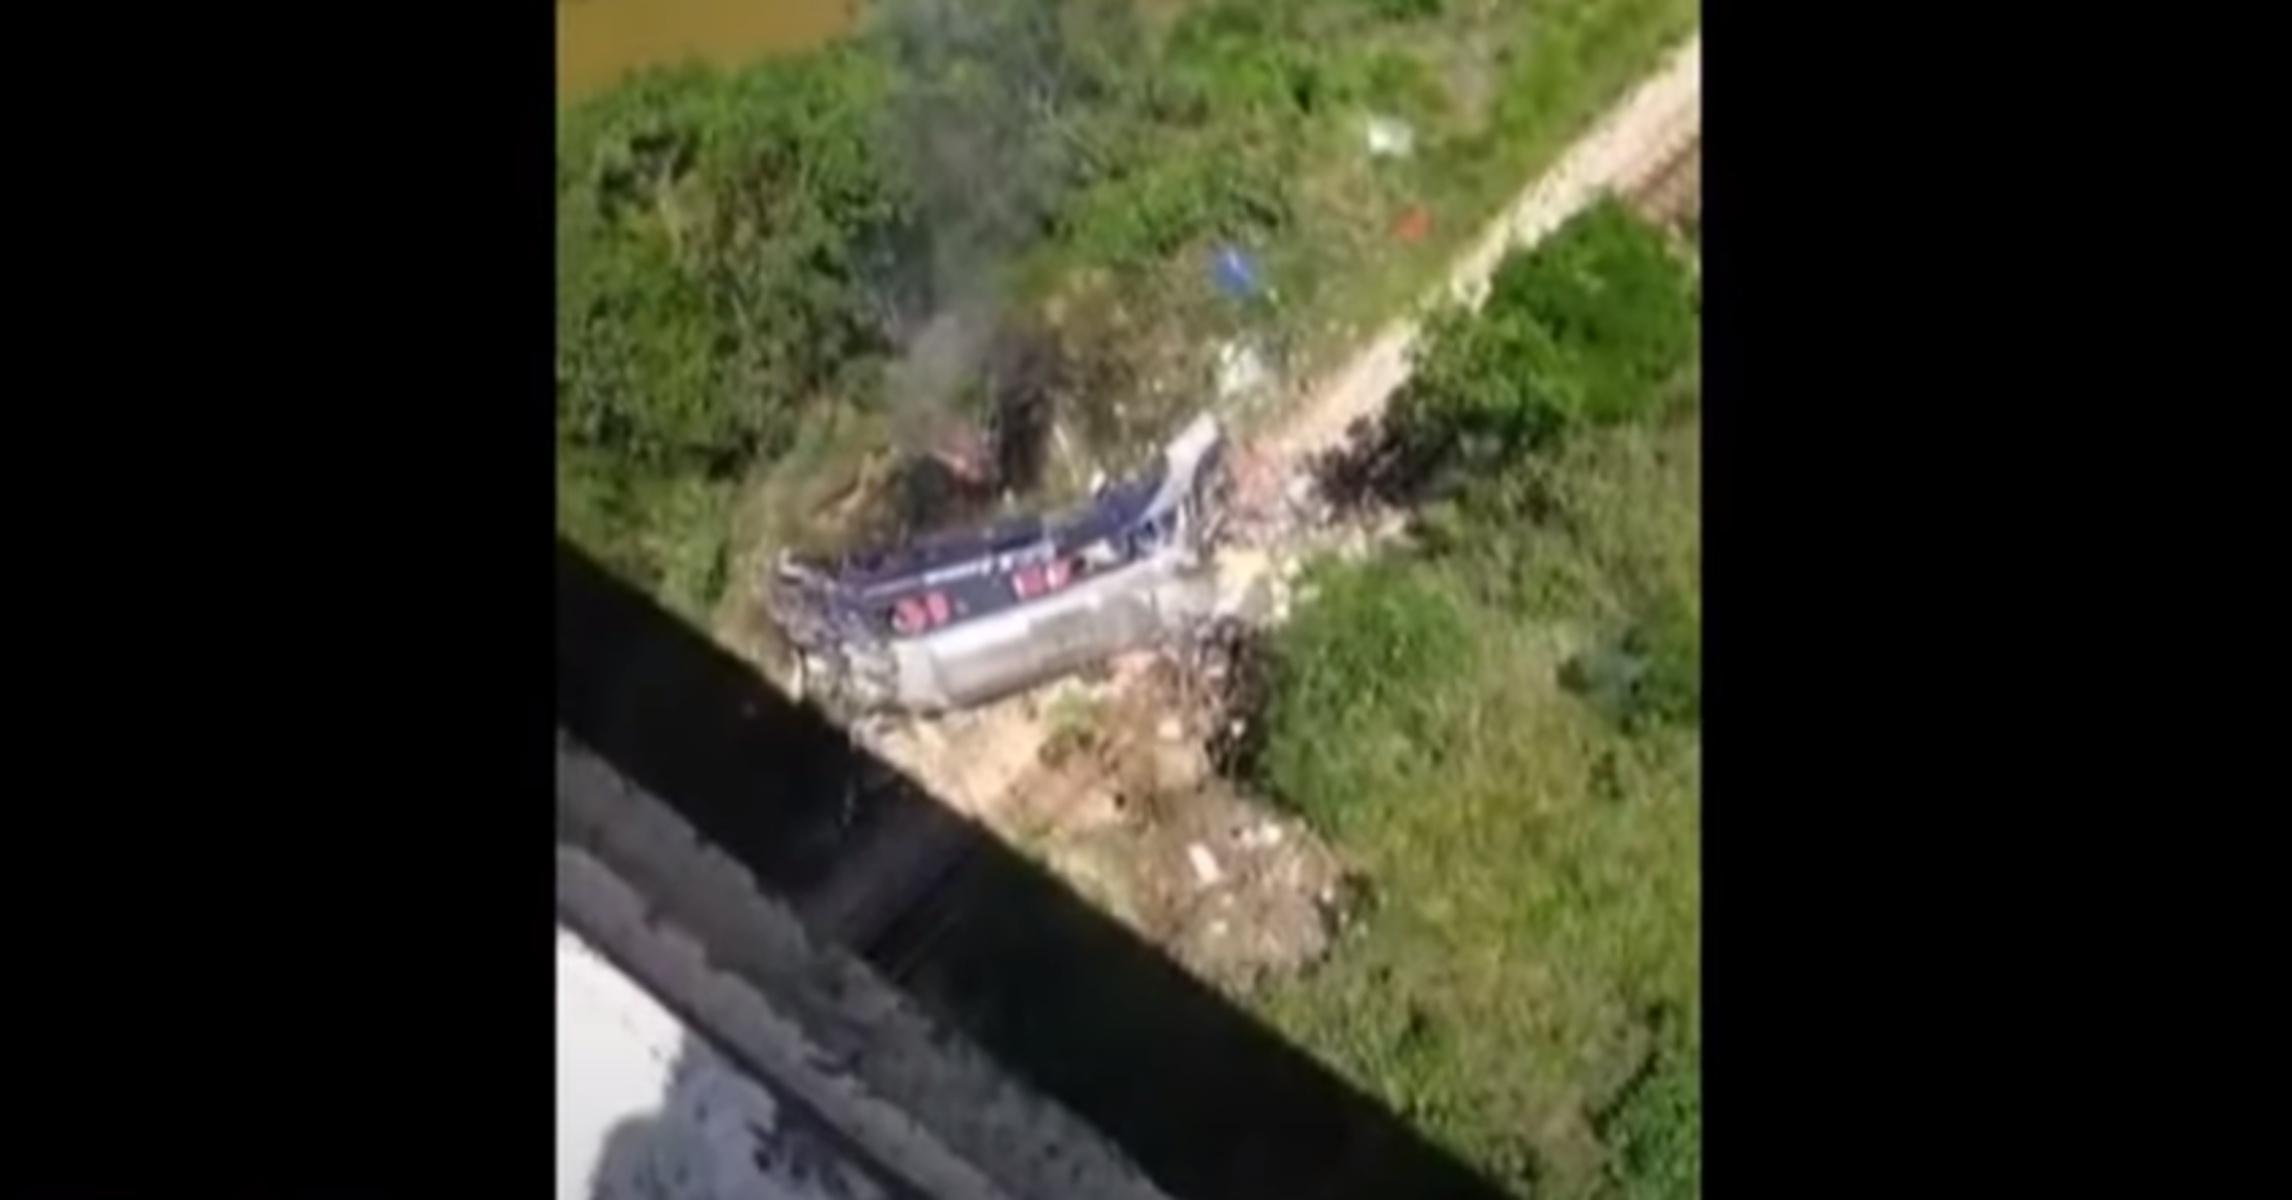 Φρικτό δυστύχημα στη Βραζιλία – 10 νεκροί μετά από πτώση λεωφορείου από γέφυρα